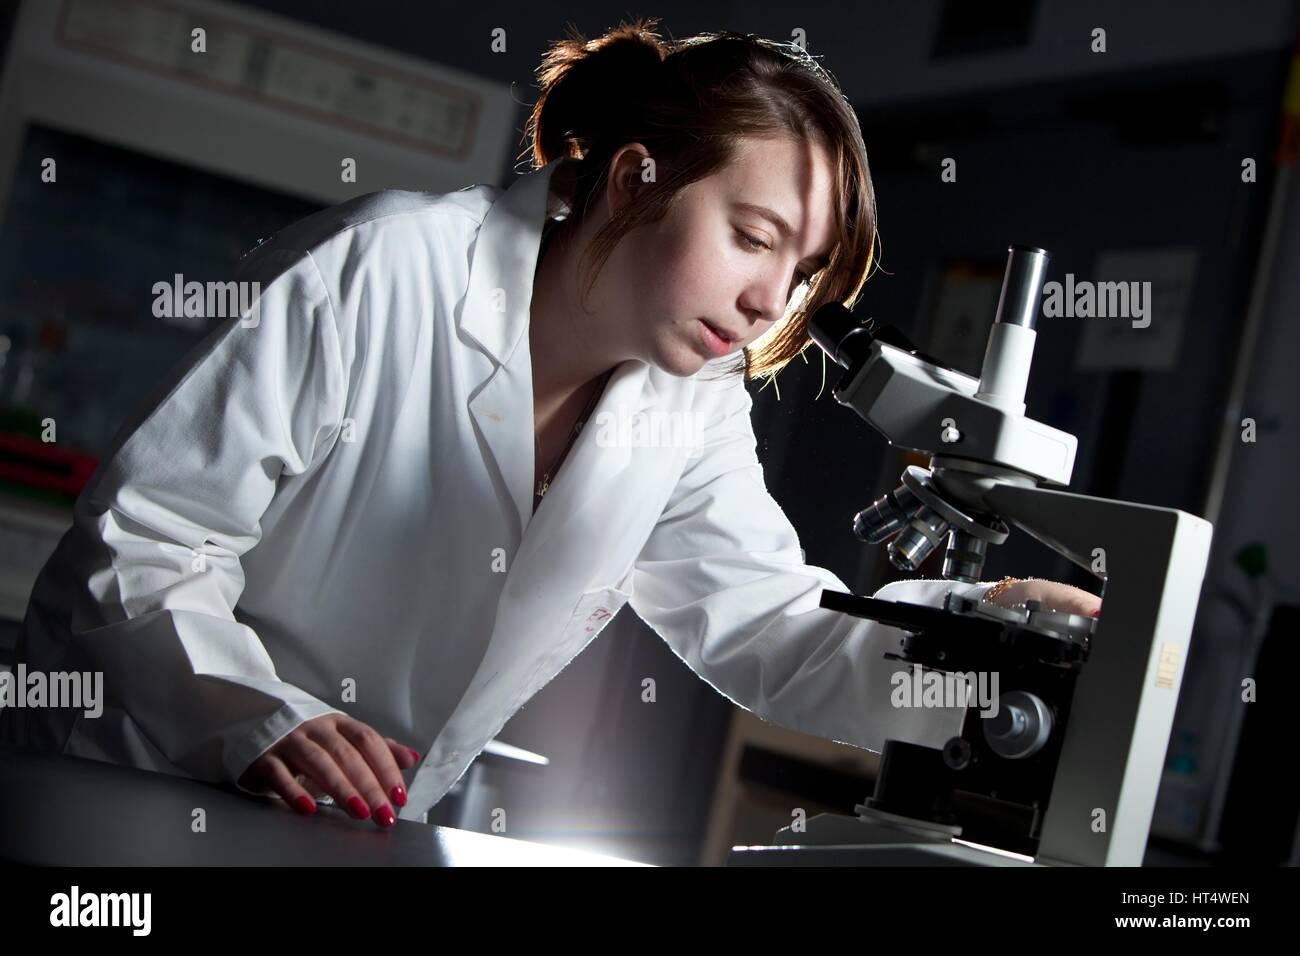 Un alumno adolescente durante una lección de ciencias en una escuela secundaria Imagen De Stock